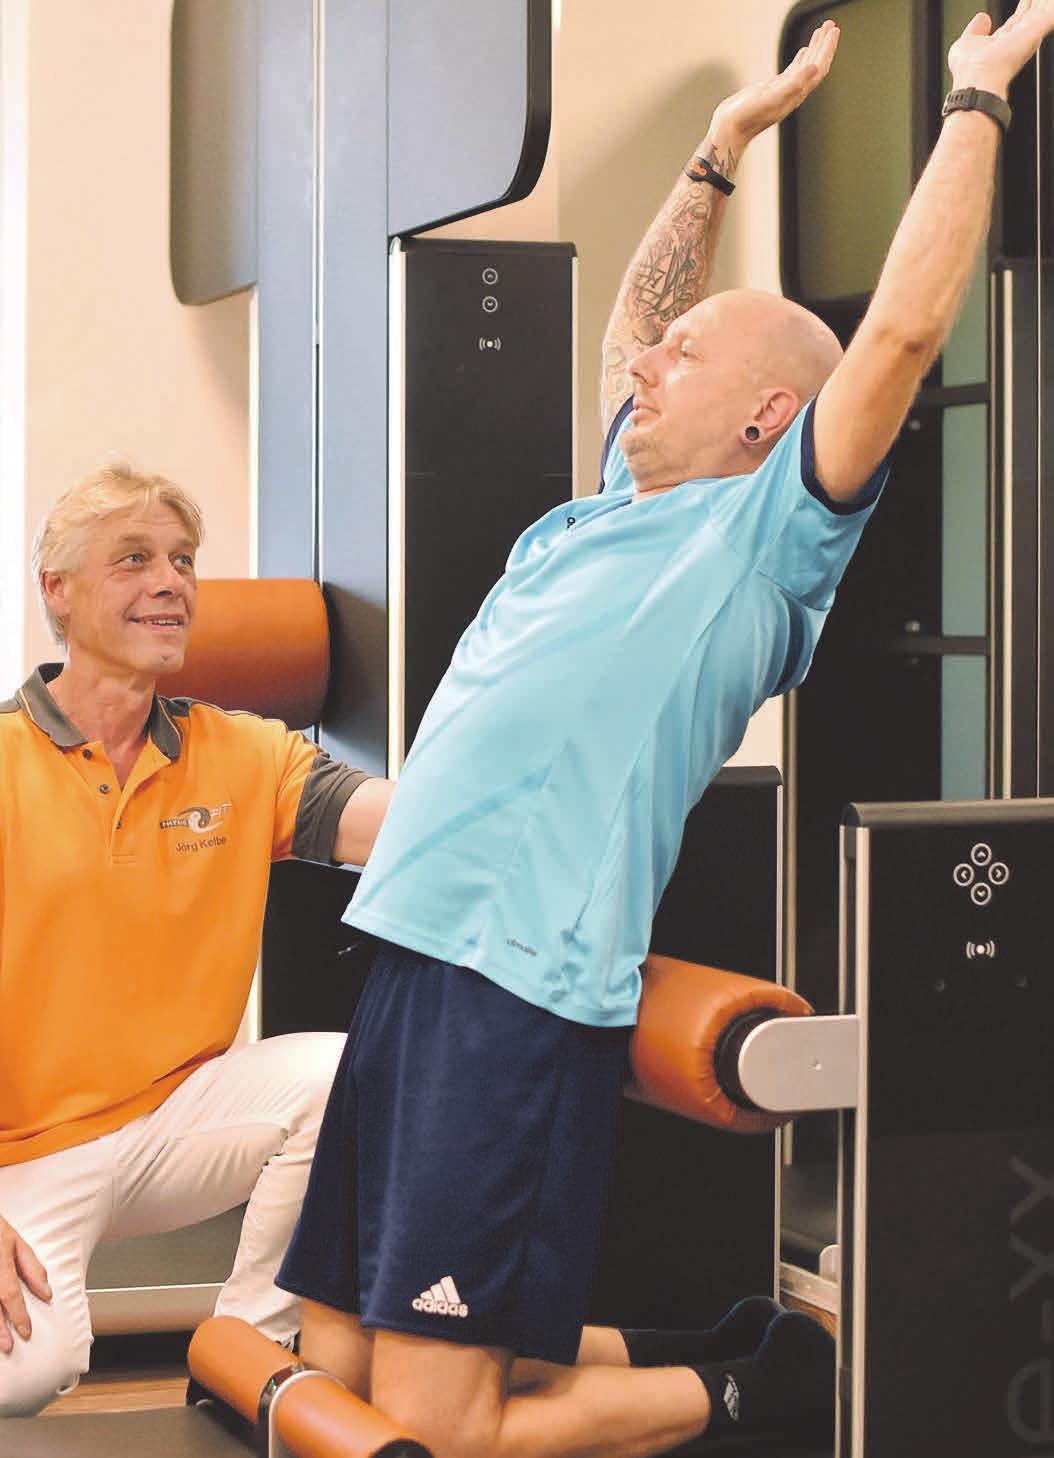 A-Lizenz Trainer Jörg Kelbe empfiehlt efle-xx. Foto: Ralf Büchler